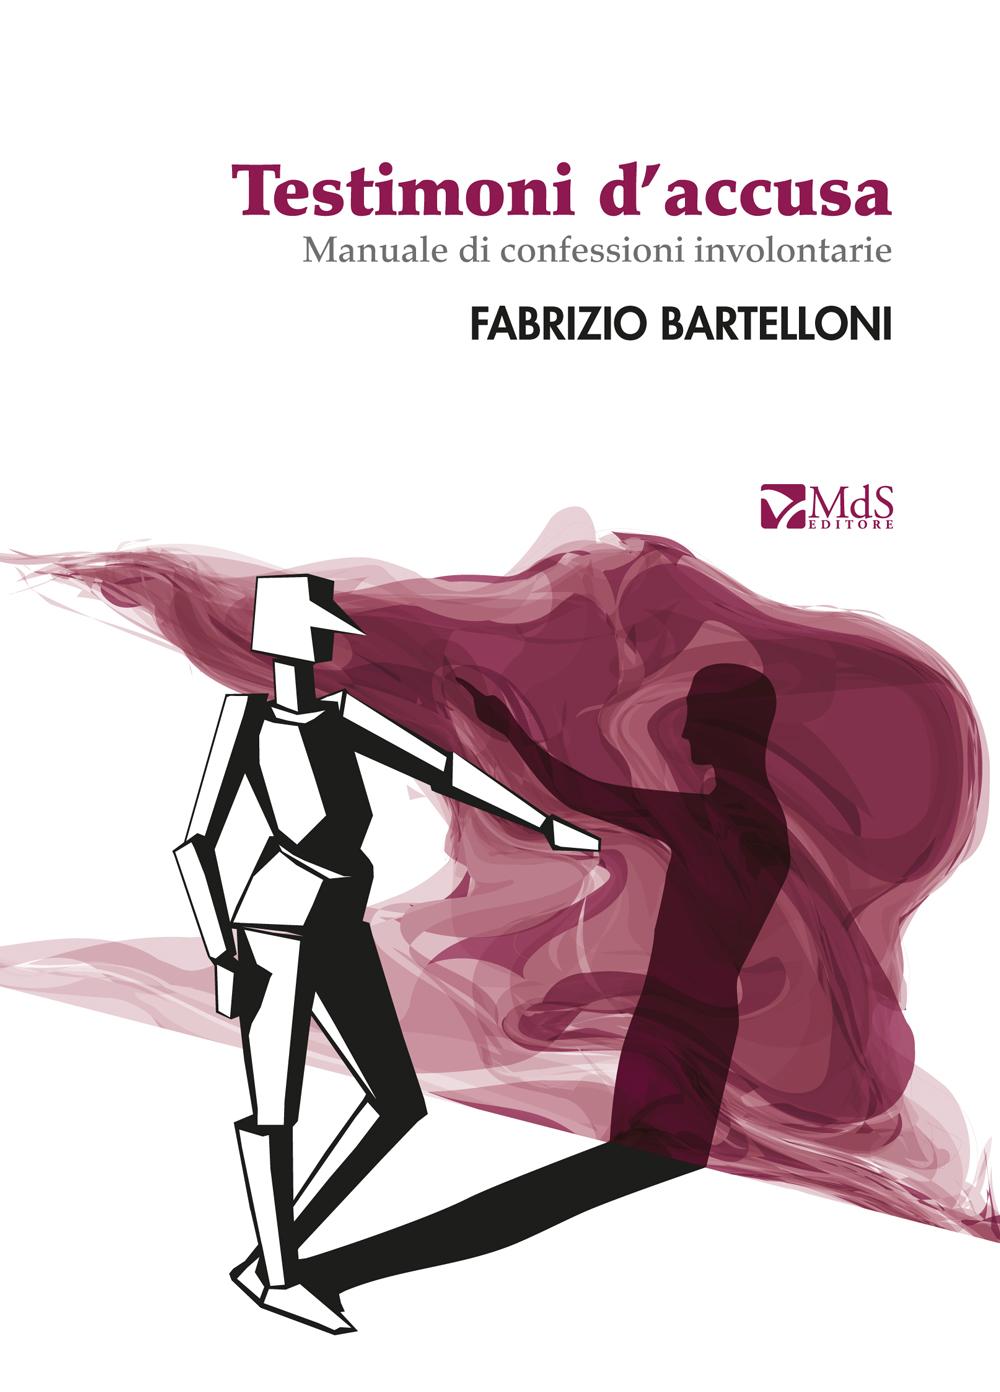 """Presentazione """"Testimoni d'accusa"""" di Fabrizio Bartelloni a Villa Argentina"""